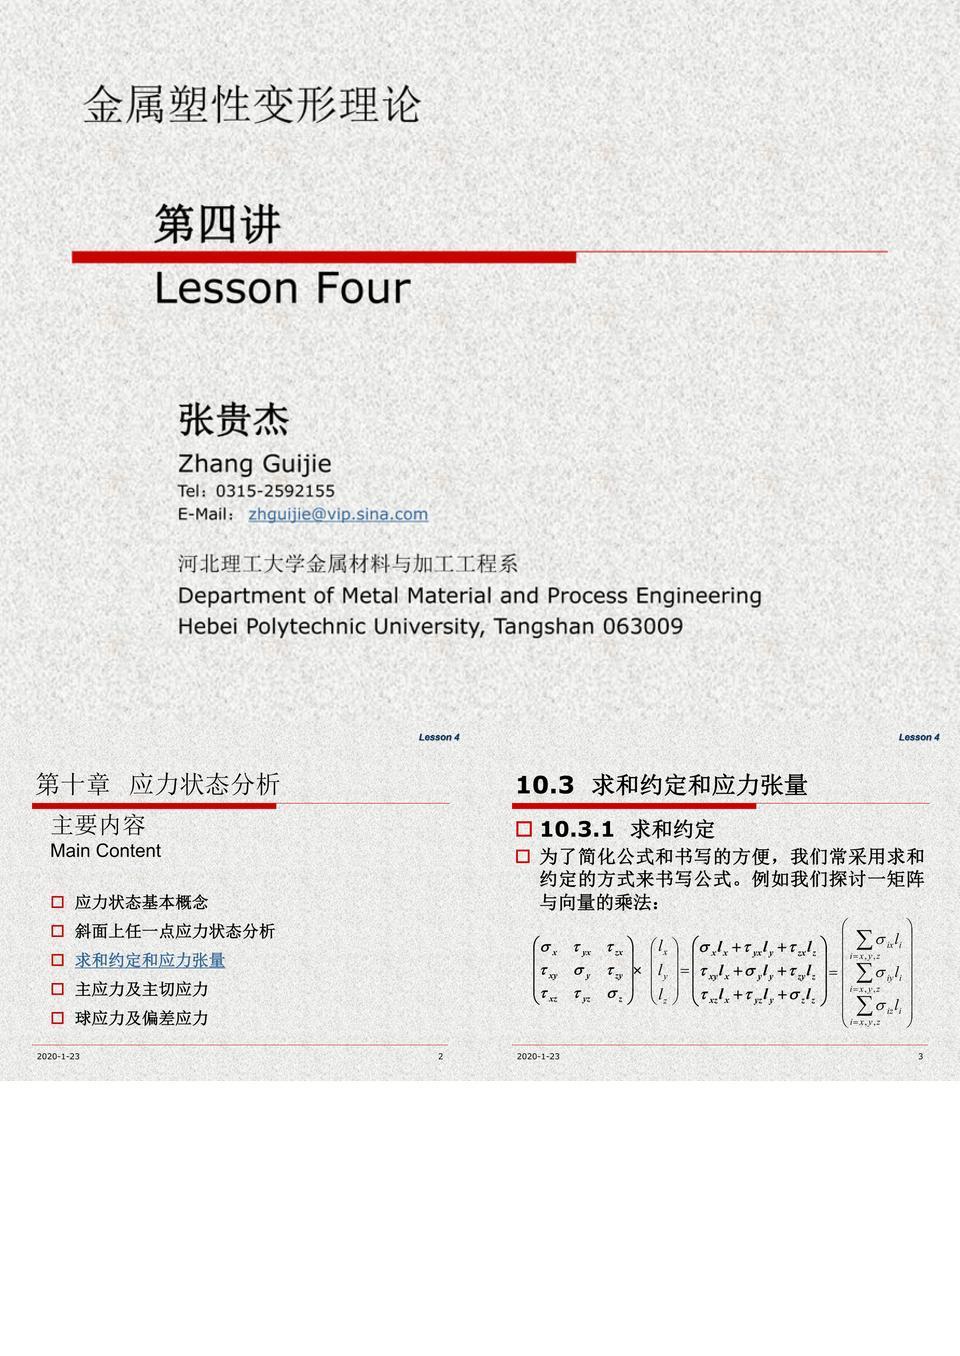 金属塑性变形理论第22讲_-求和约定和应力张量.ppt